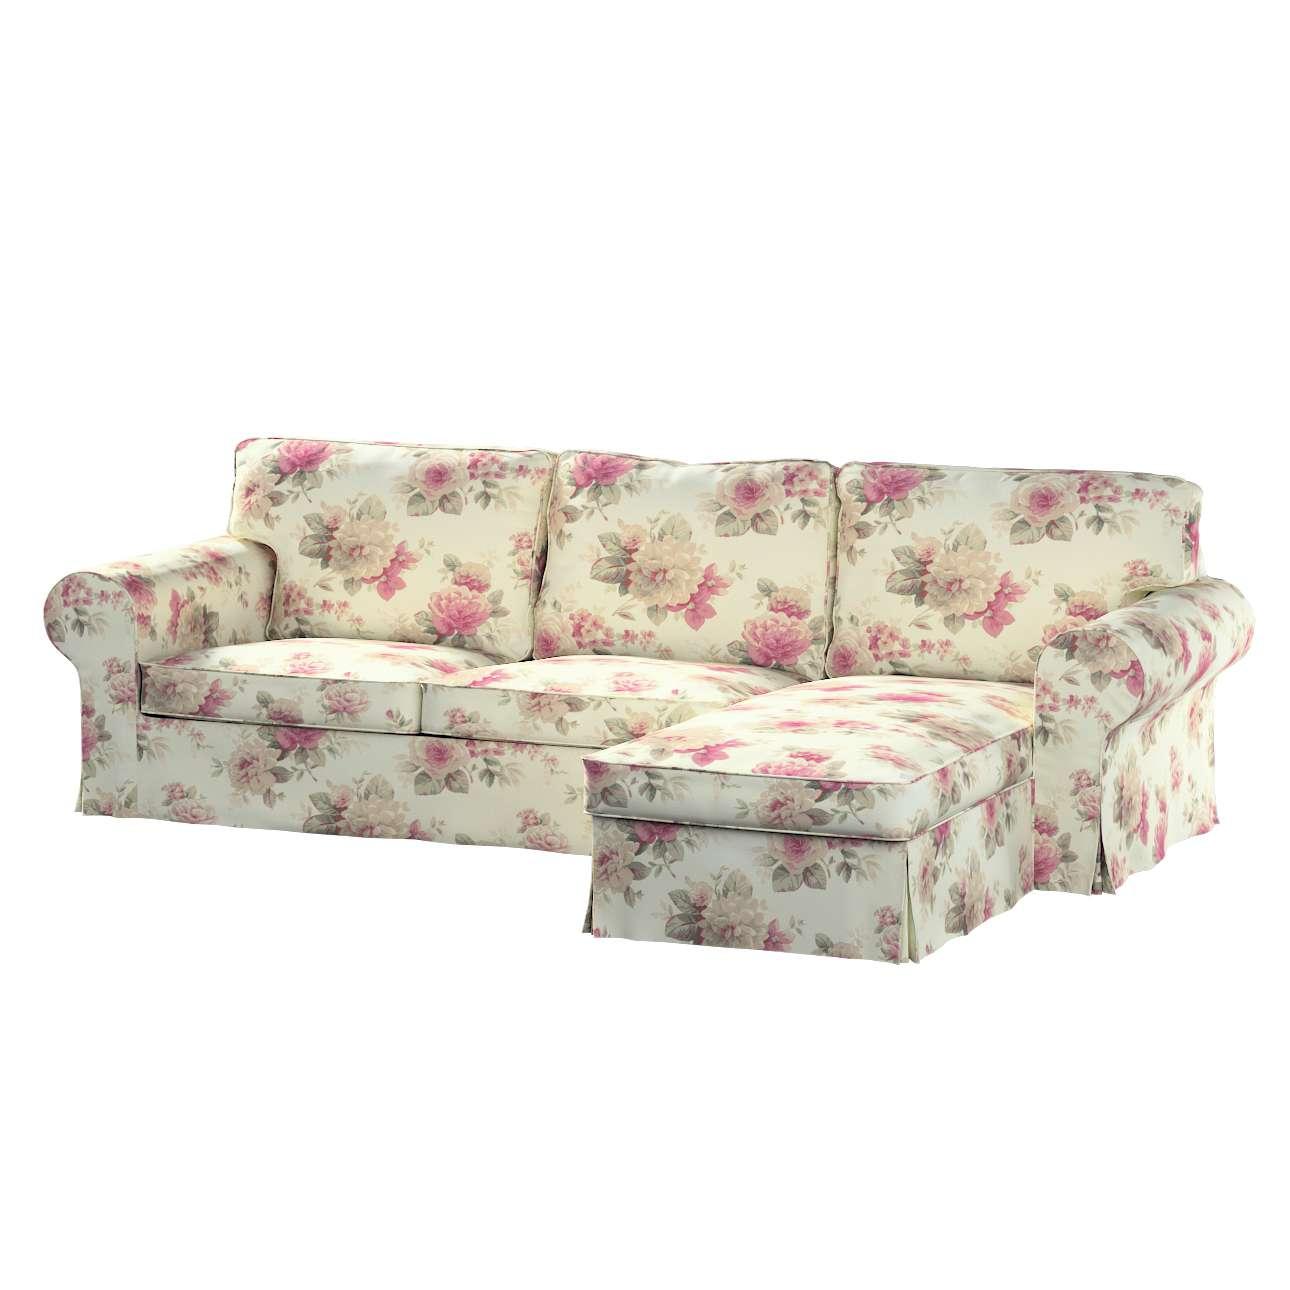 Pokrowiec na sofę Ektorp 2-osobową i leżankę sofa ektorp 2-os. i leżanka w kolekcji Mirella, tkanina: 141-07